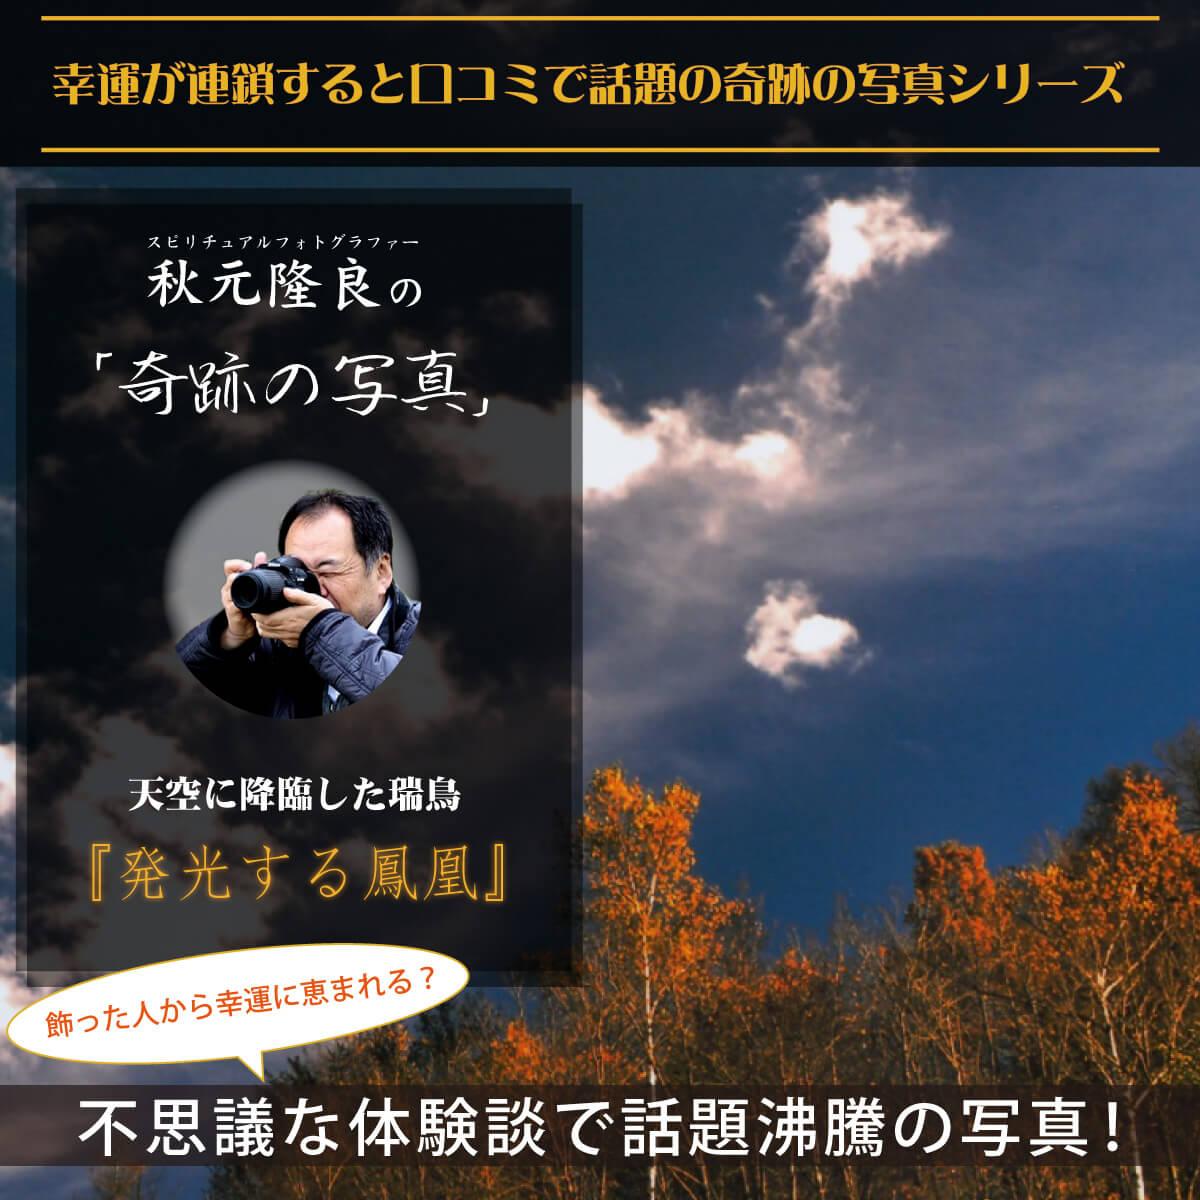 【奇跡の写真】発光する鳳凰 ≫飾るだけで幸運が連鎖すると話題!秋元隆良の開運フォト作品 開運グッズ